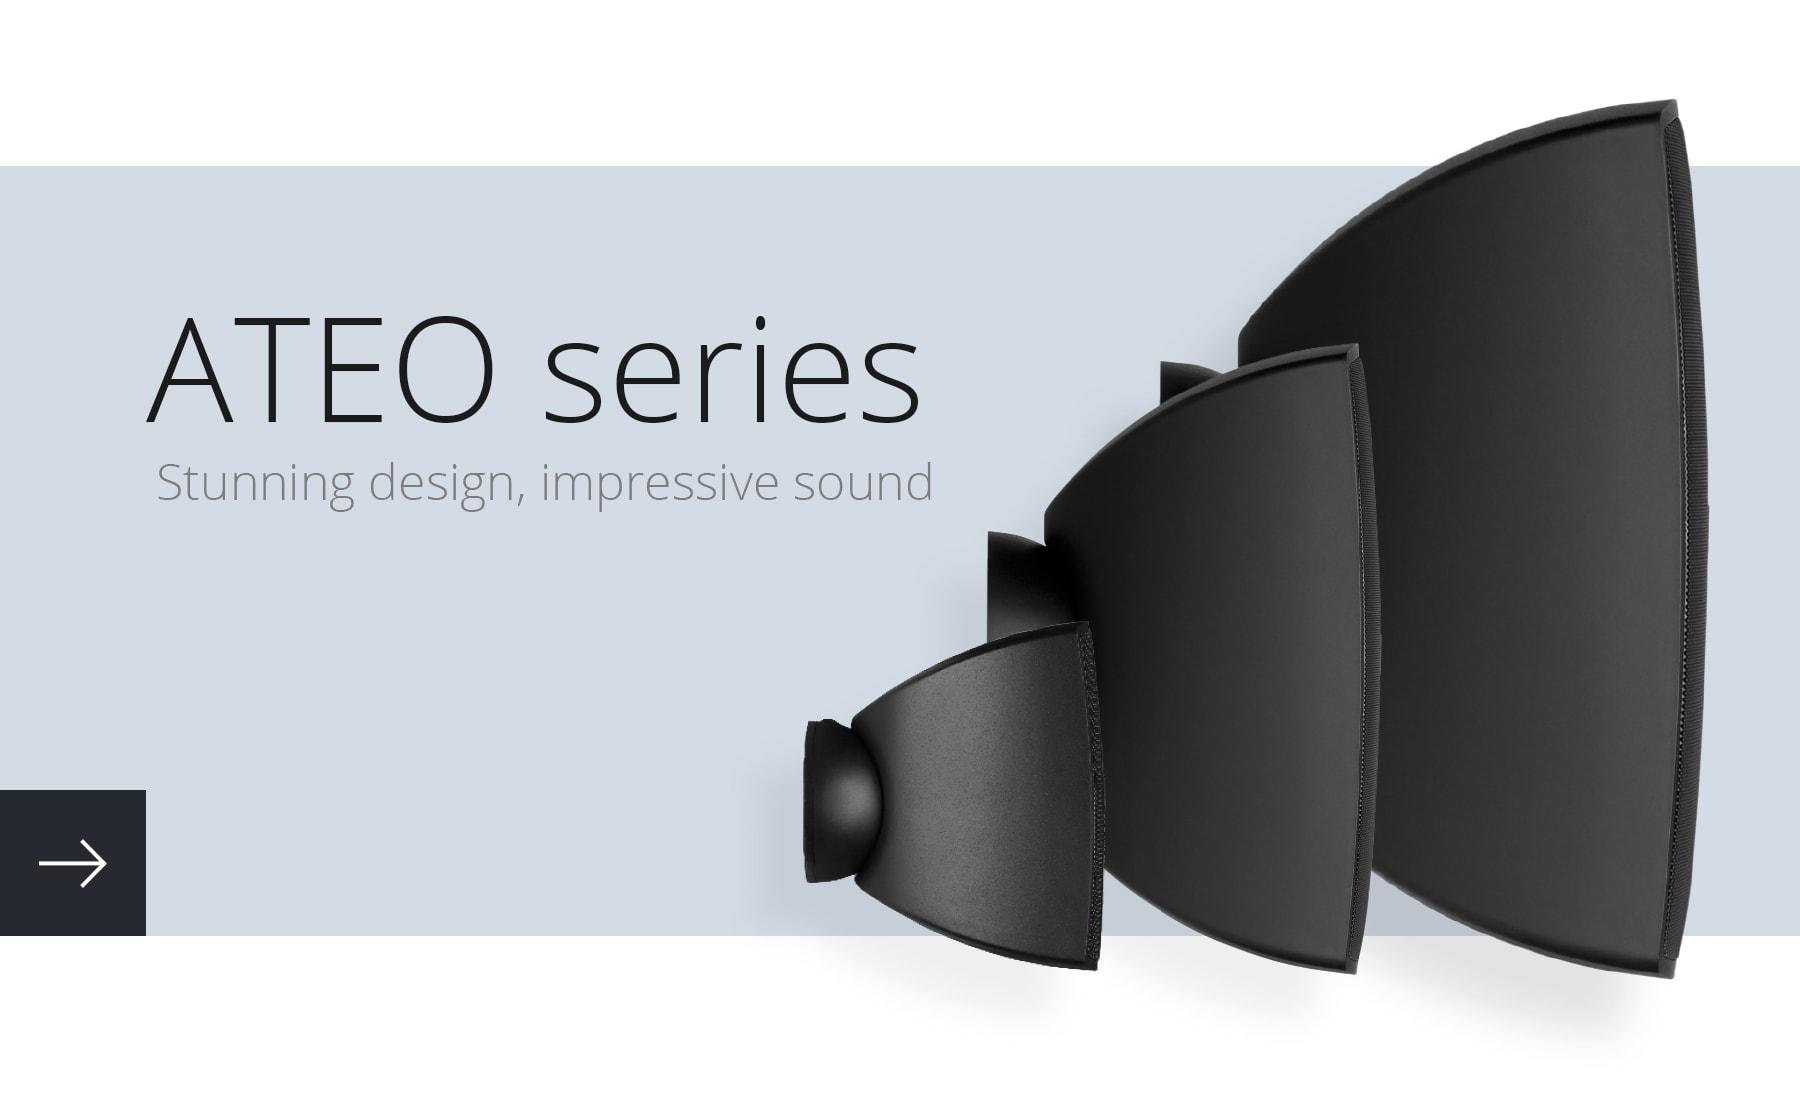 Bright sound, effortless installation